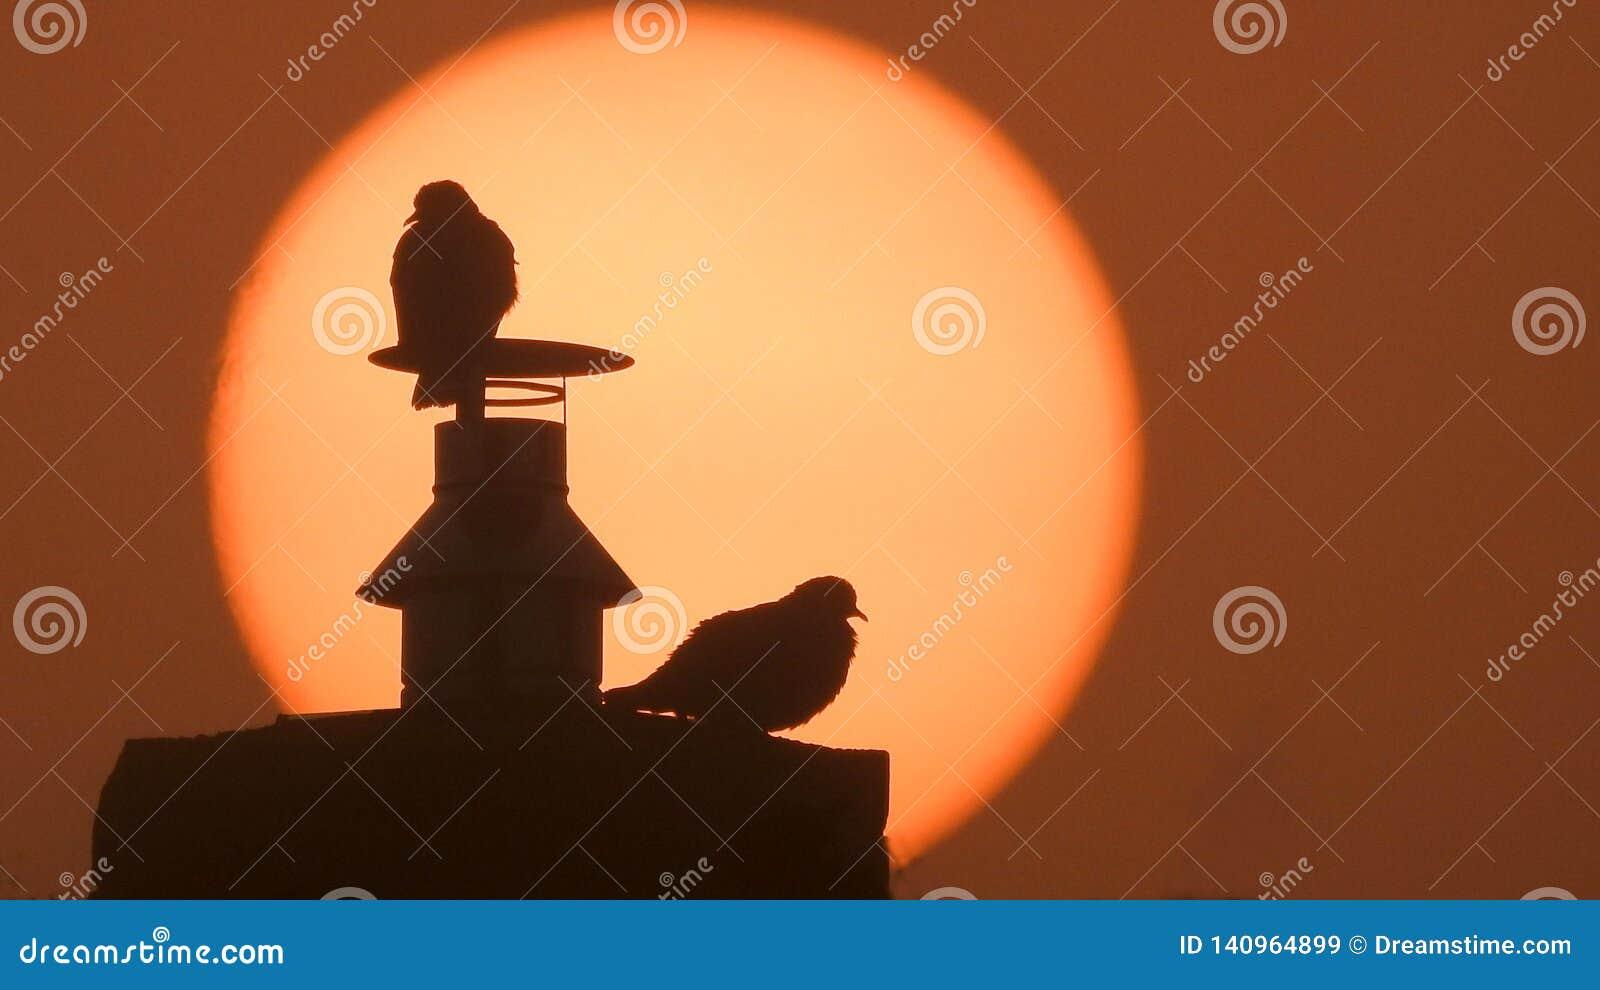 Zwei Tauben auf einem Kamin mit einer großen orange Morgensonne auf dem Hintergrund